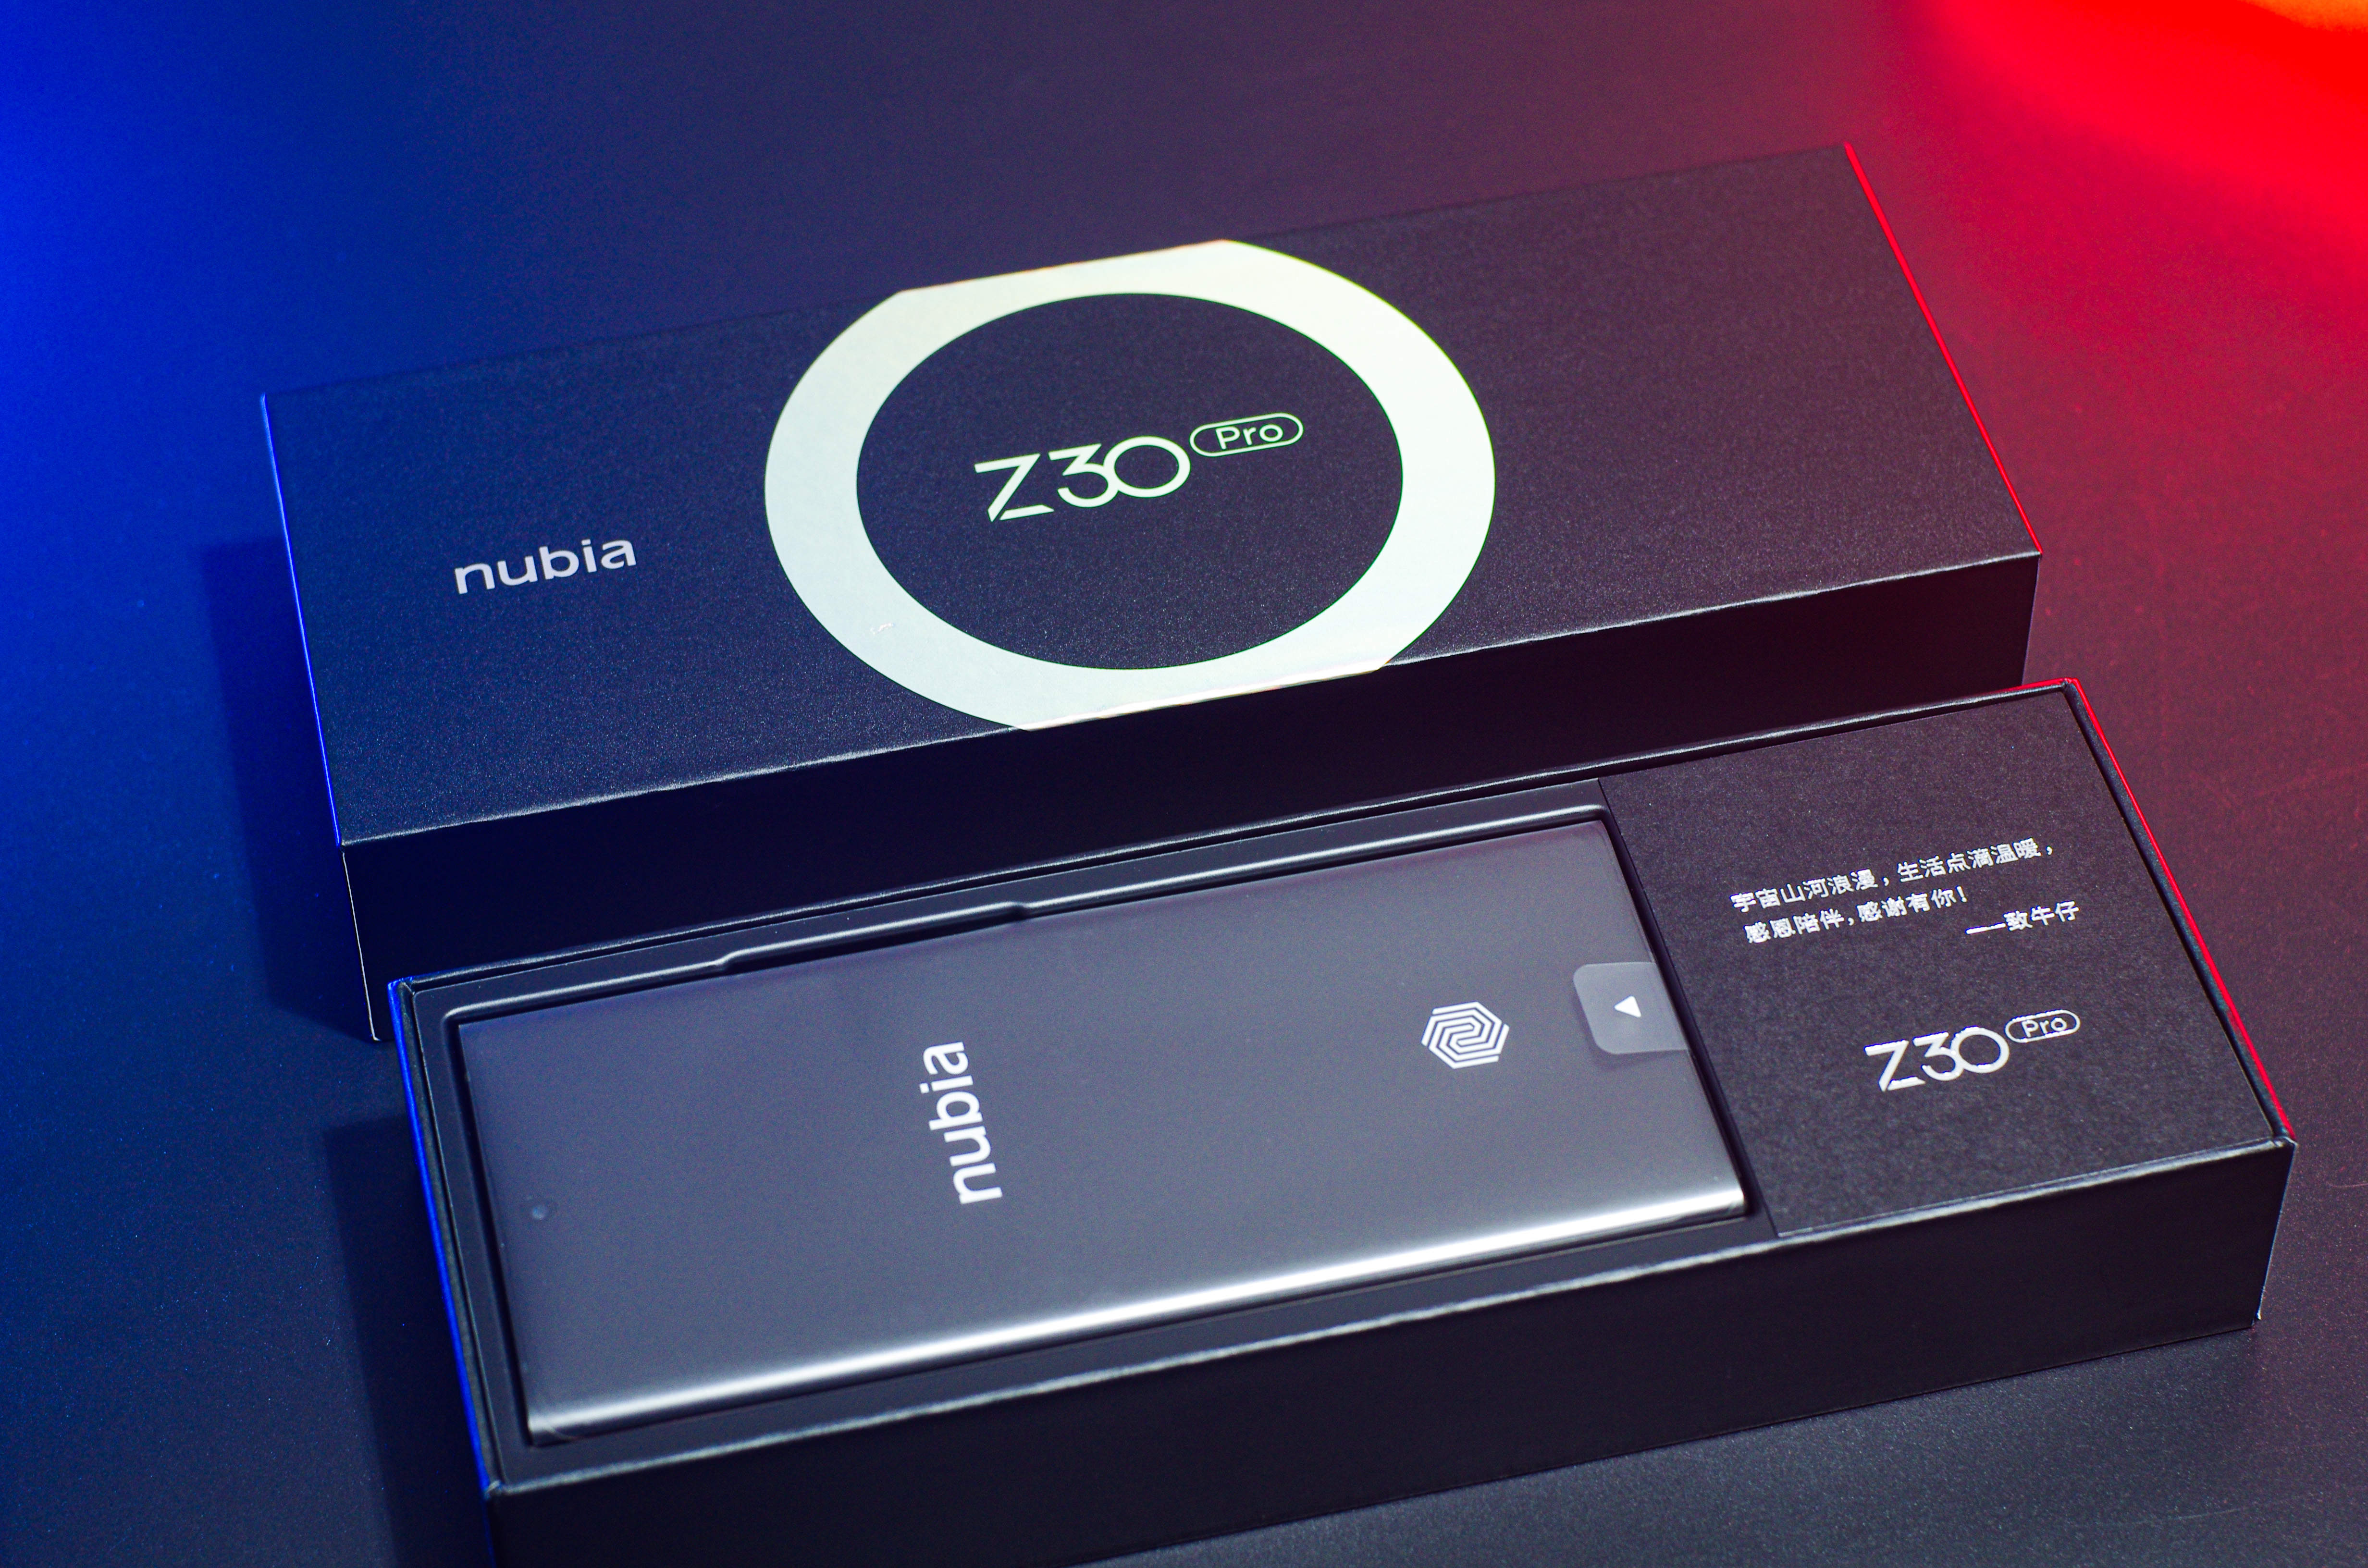 努比亚Z30 Pro评测:拍照剑走偏锋 一瞬还原星轨